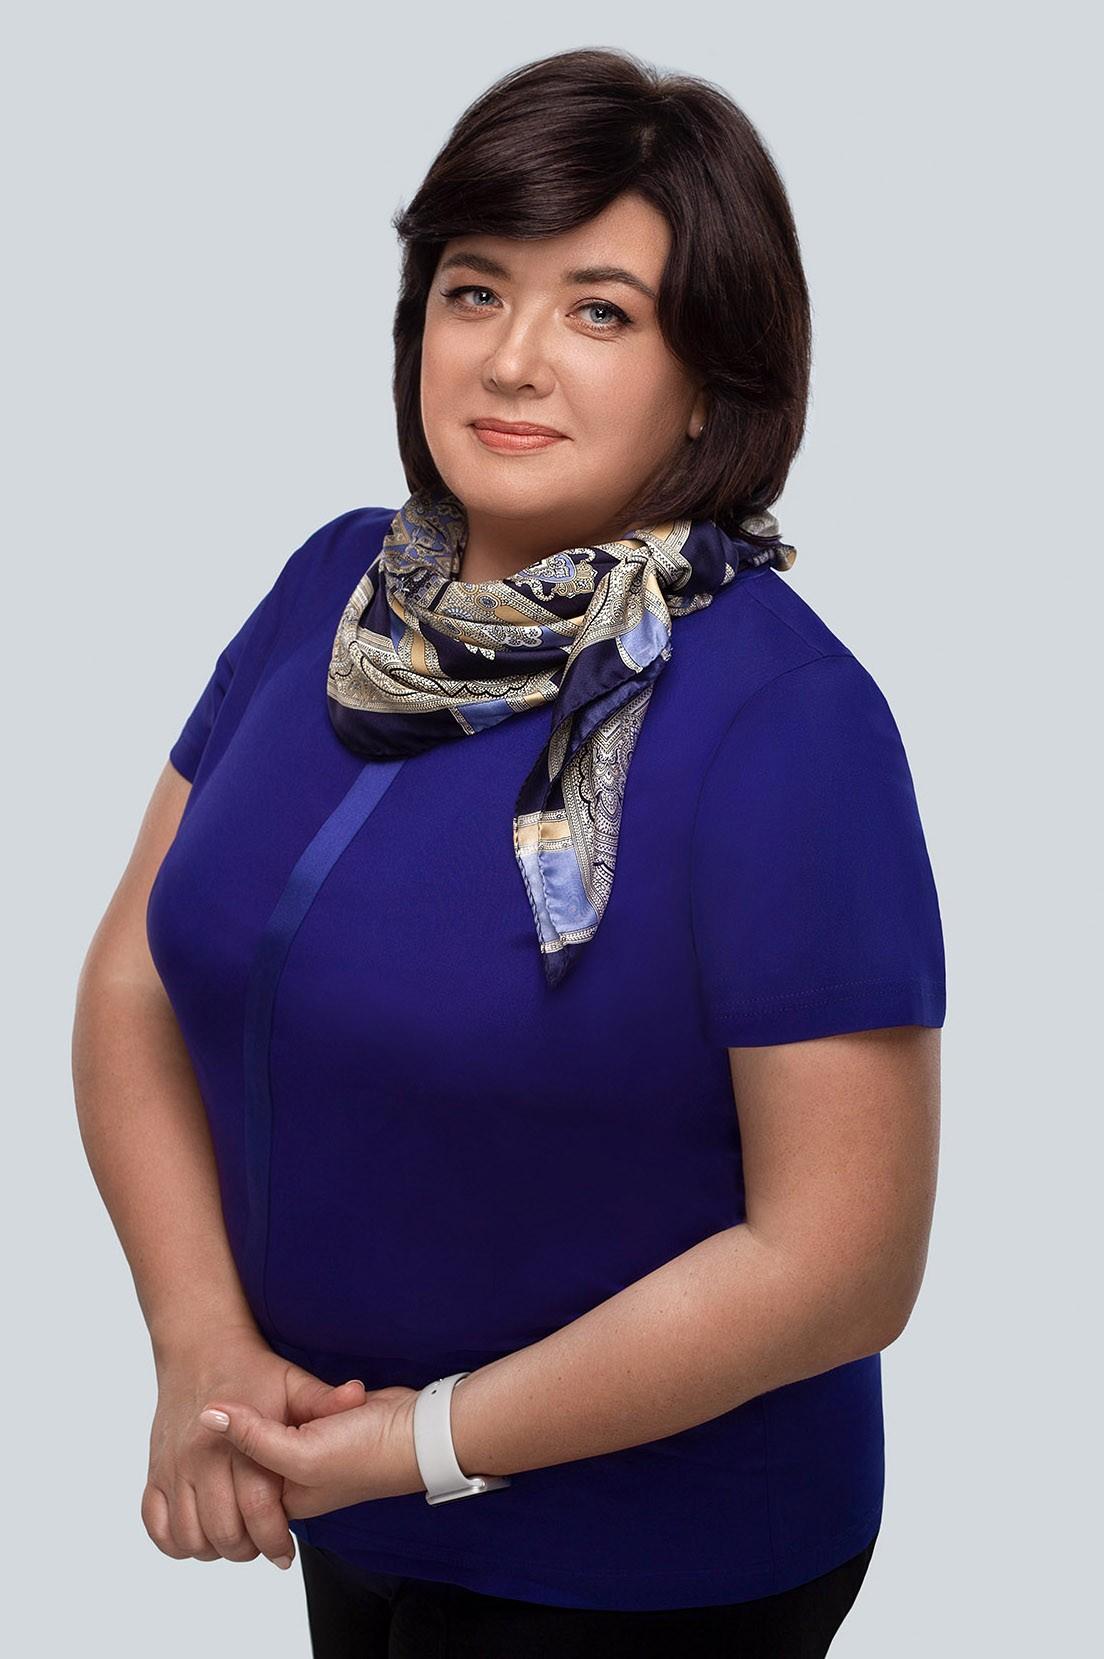 Человек года – 2018 лауреаты общенациональной программы в номинации Лидер страхового рынка года Галина Ким